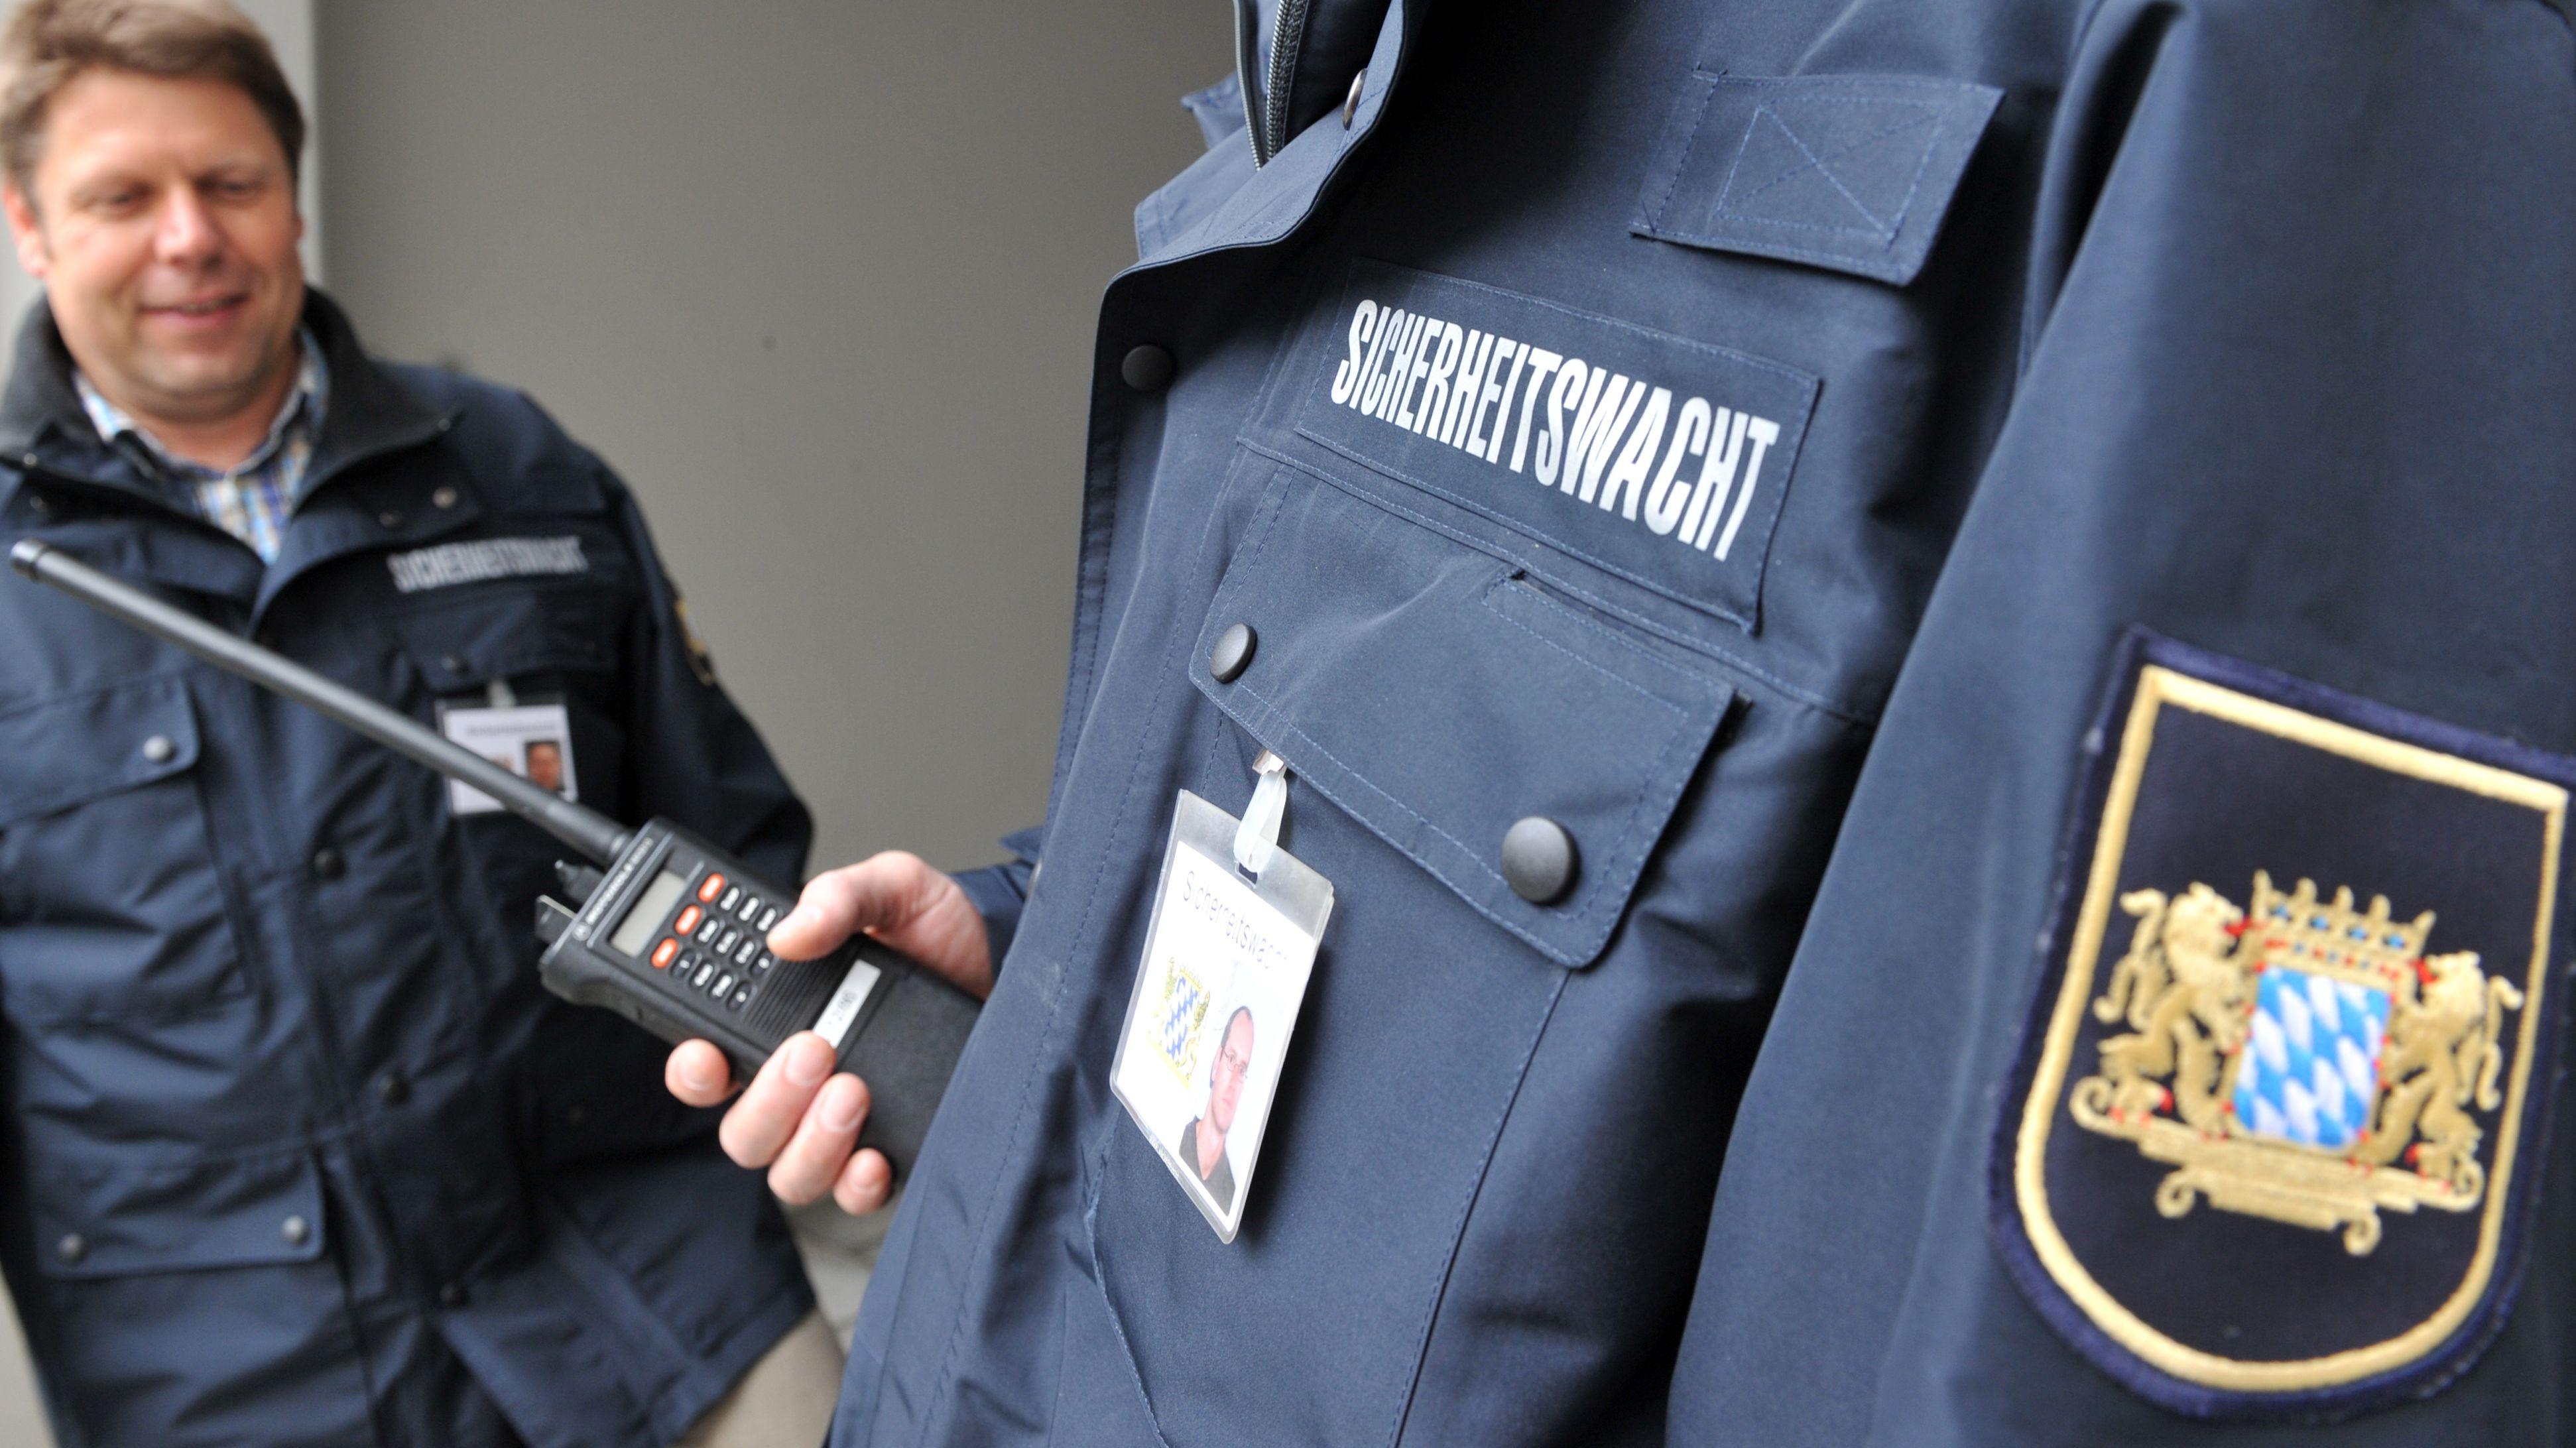 Mitglieder der Sicherheitswacht in Augsburg